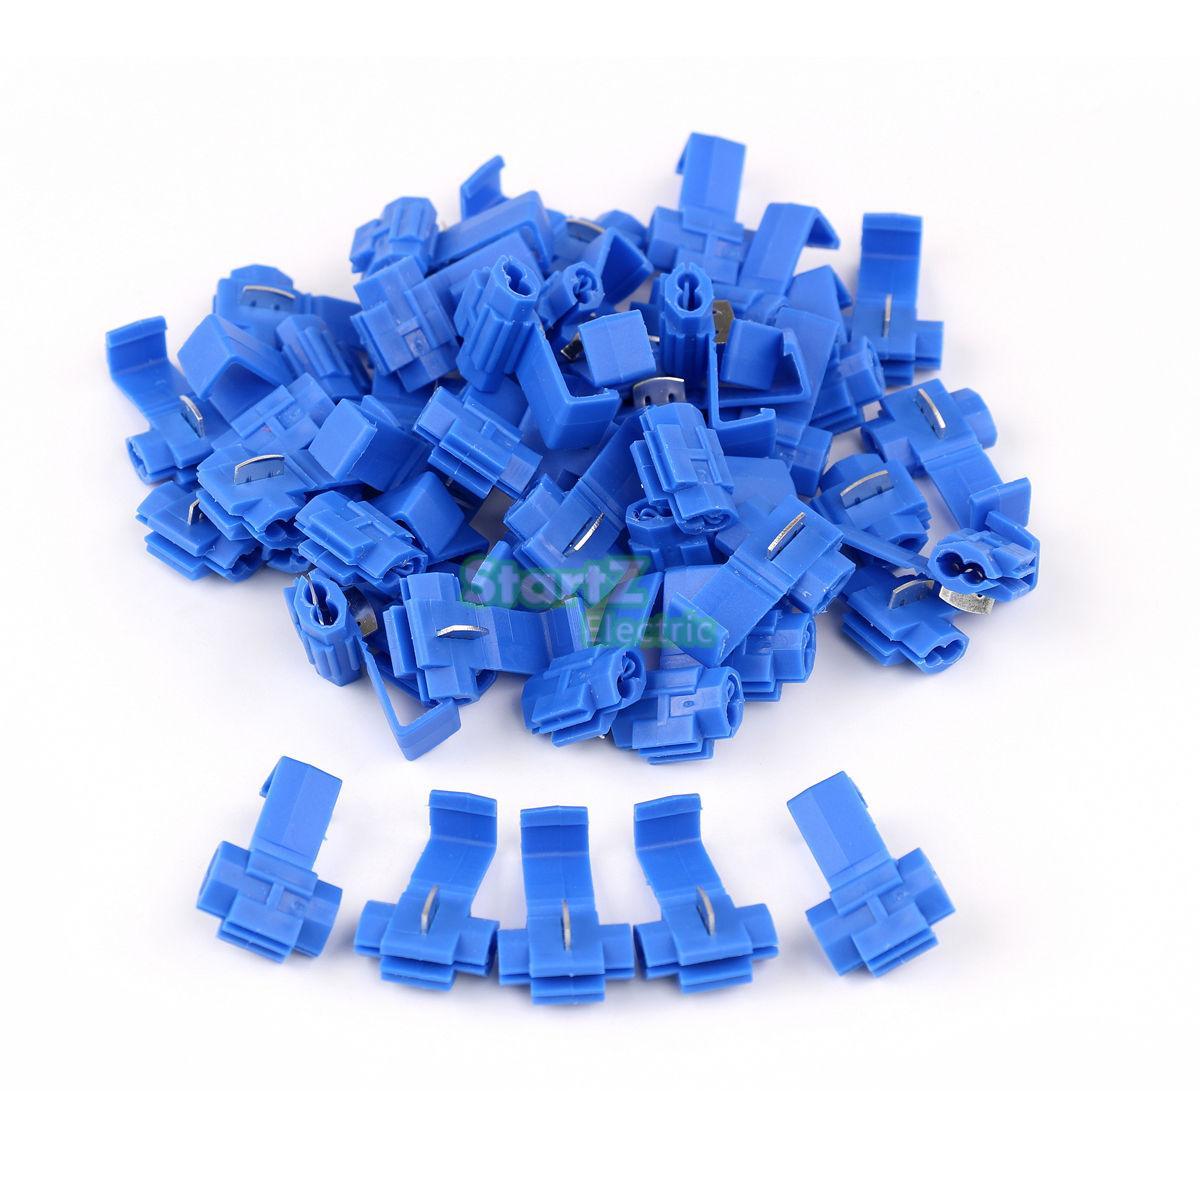 50PCS Blue Scotch Lock Wire Electrical Cable Connectors Quick Splice Terminals Crimp